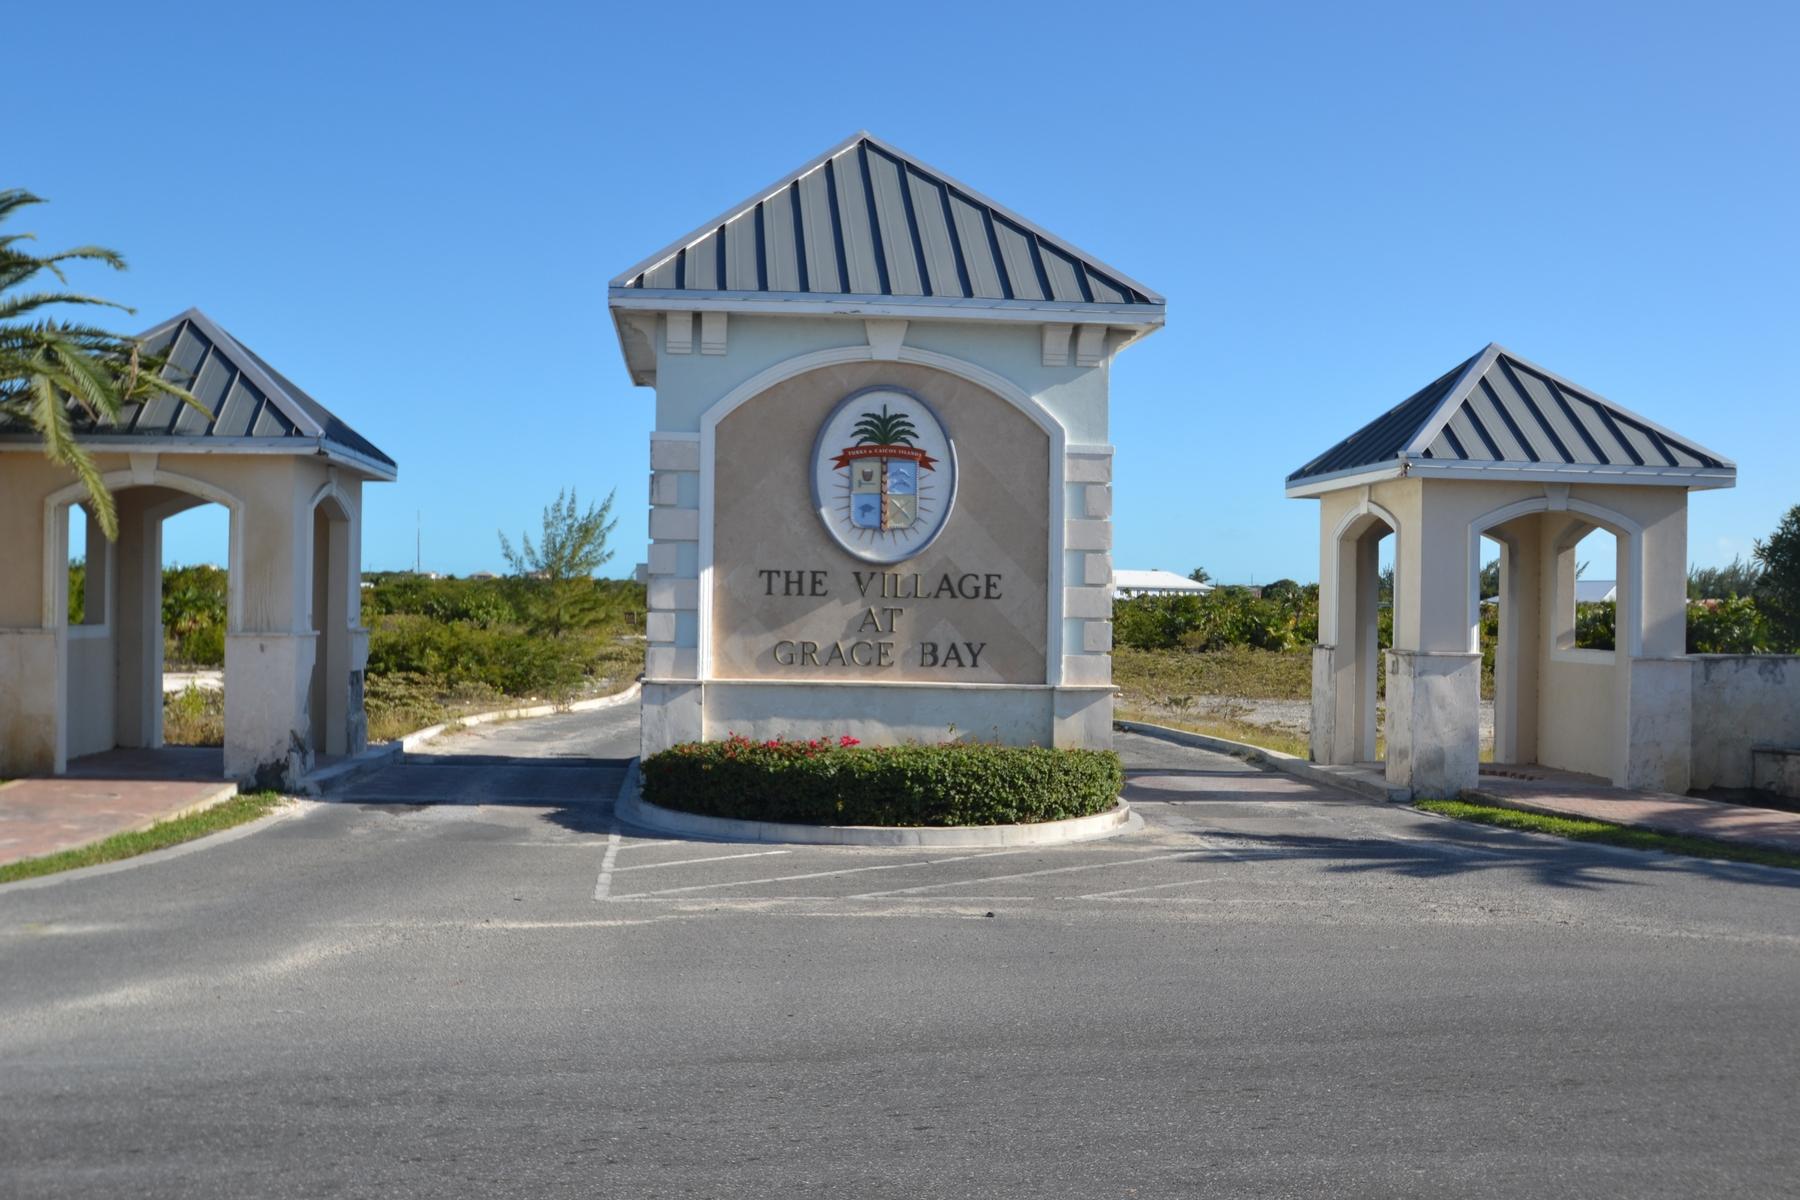 Grace Bay Village